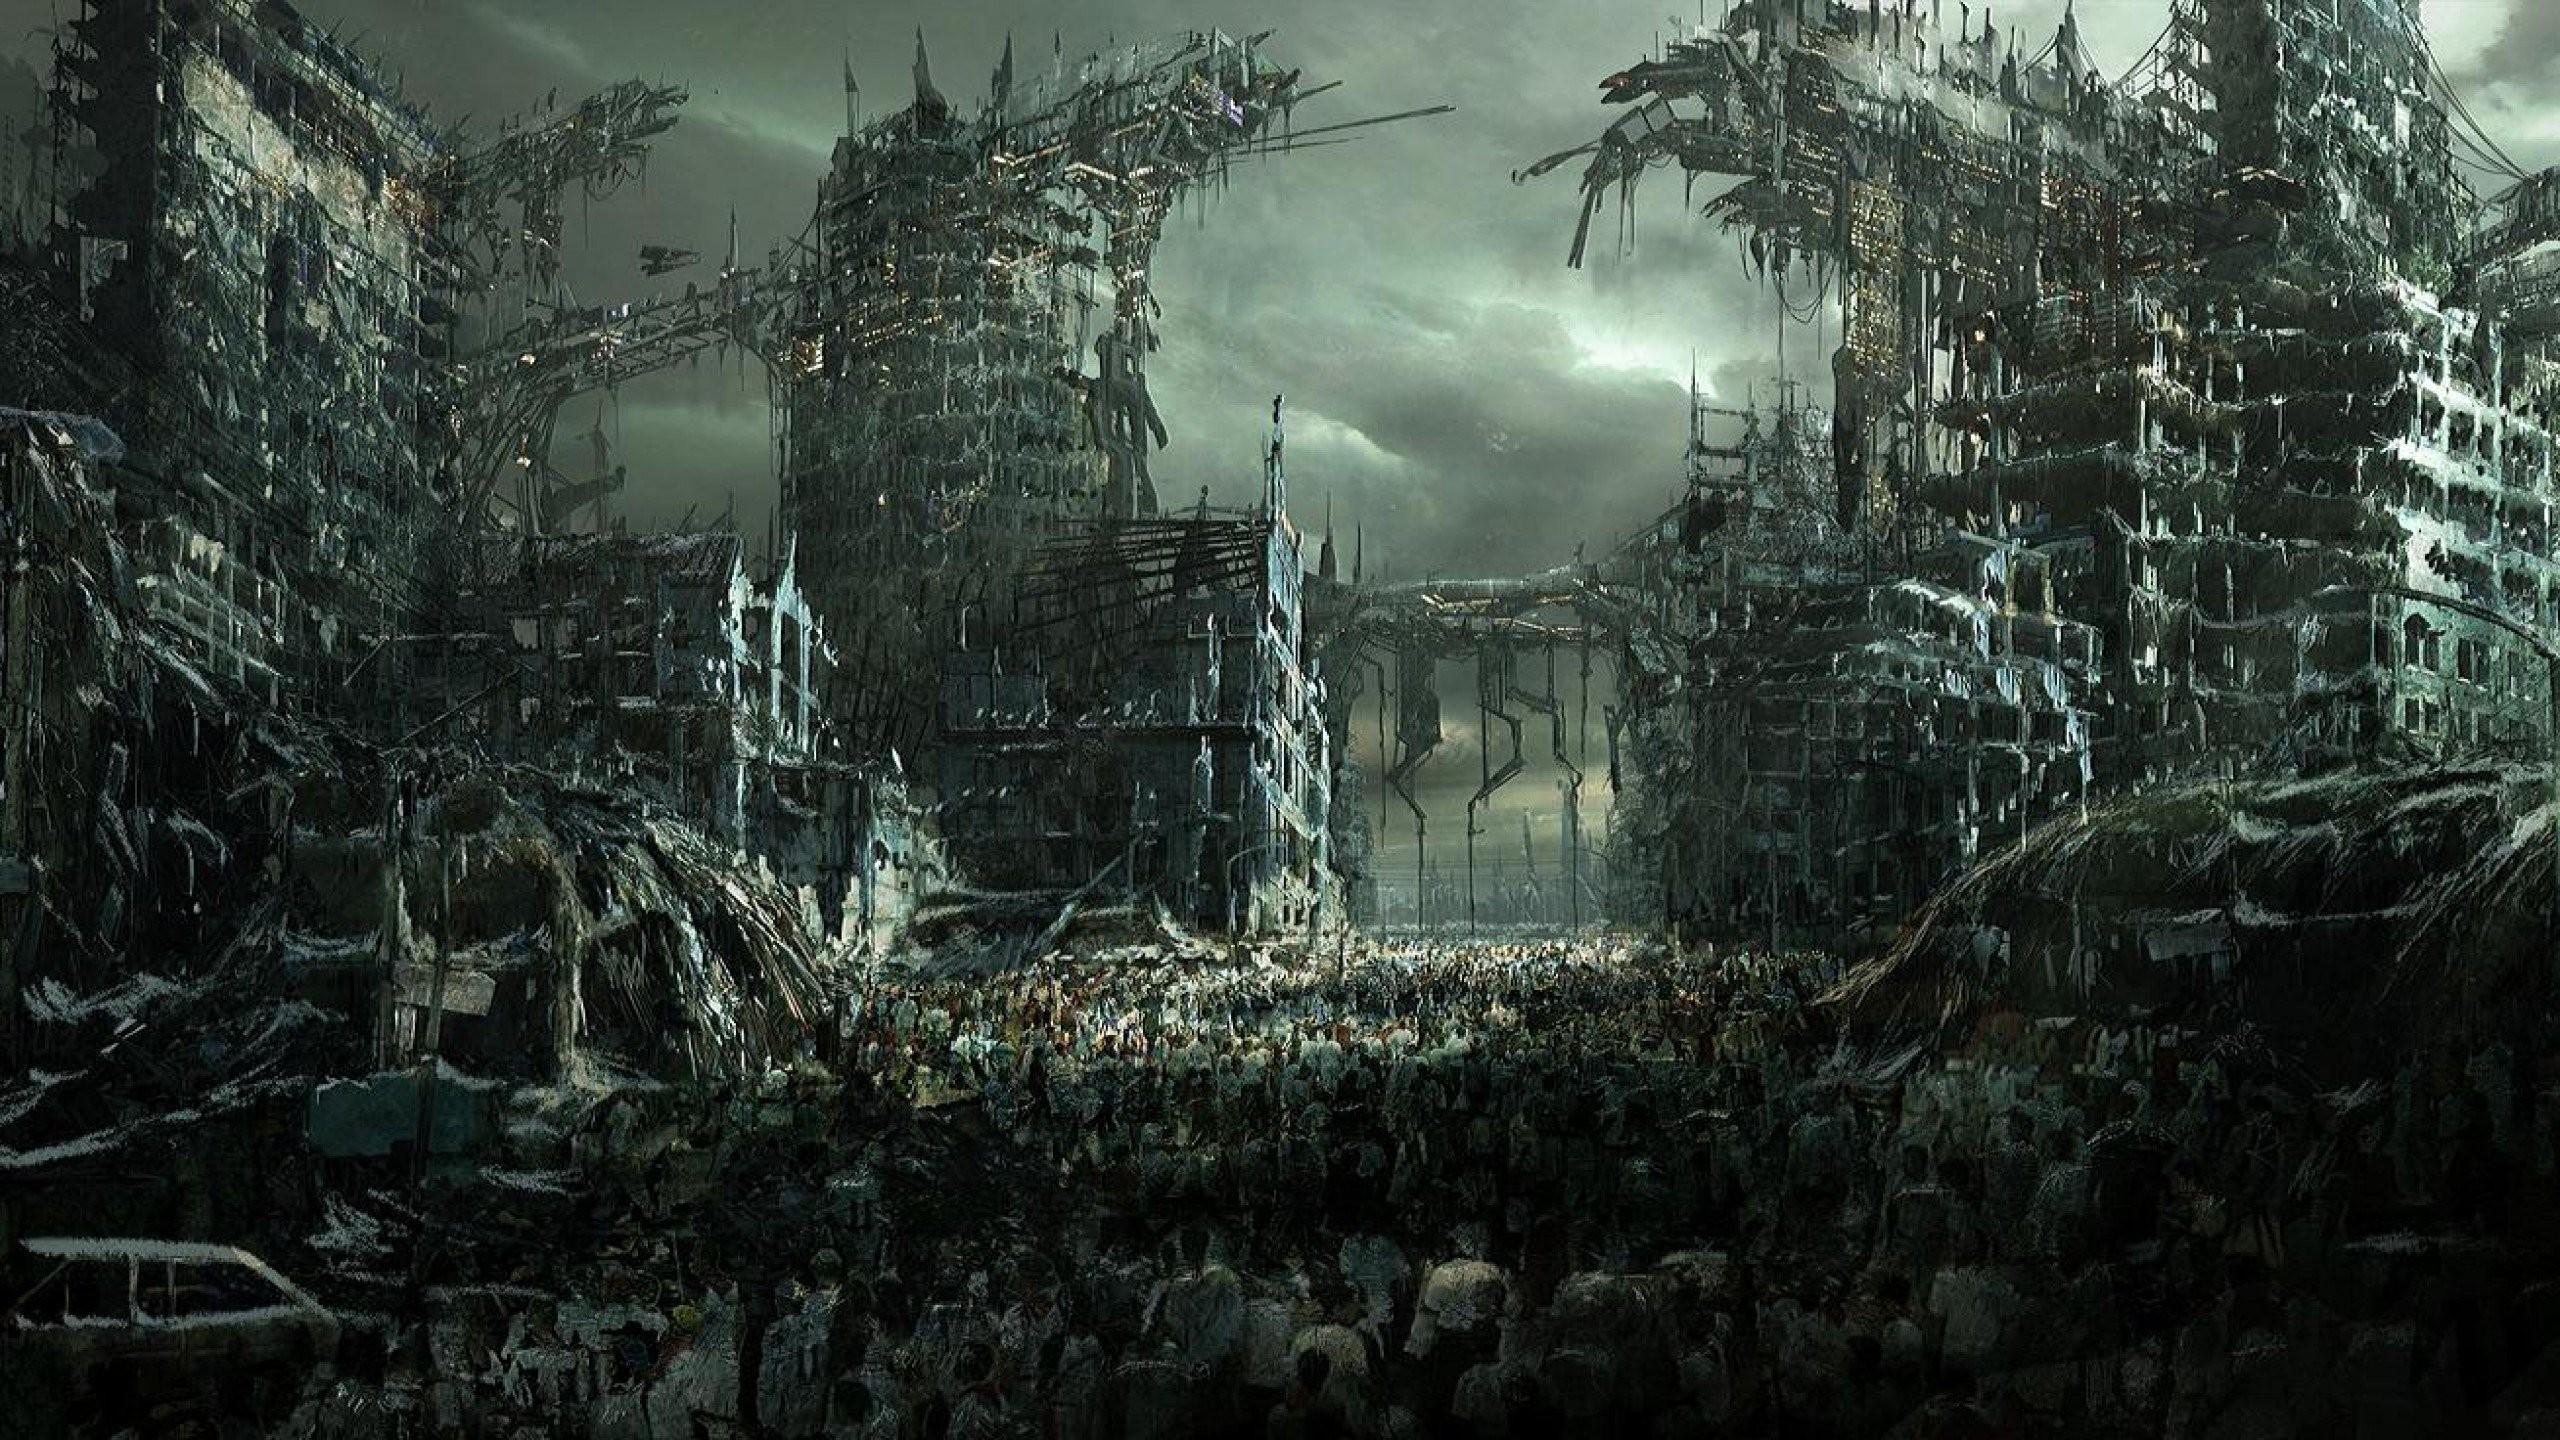 Resultado de imagen para wallpapers apocalipsis zombie | Apocalipsis Zombie  | Pinterest | Post apocalyptic